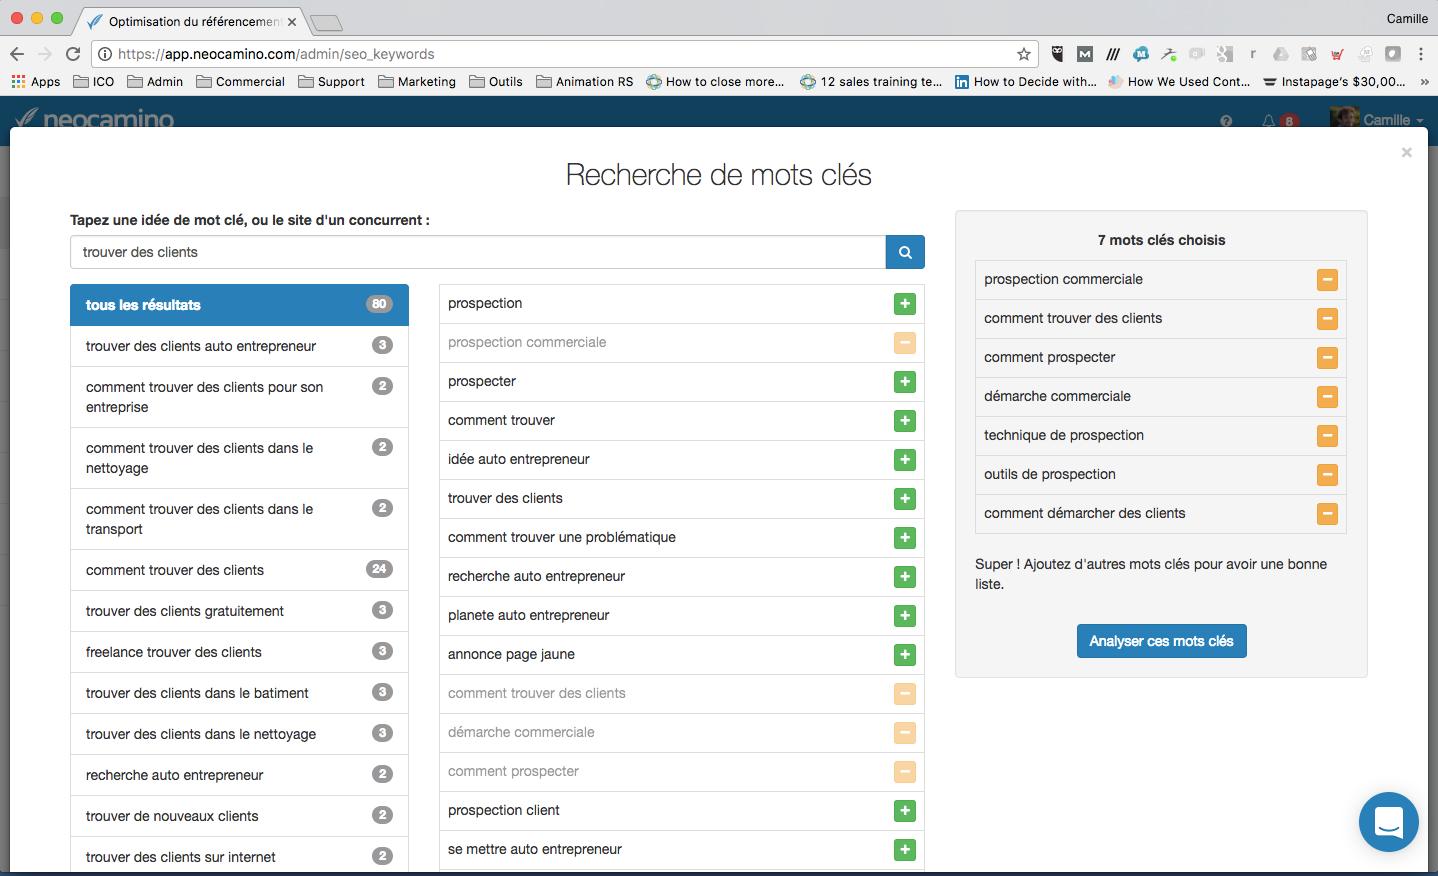 Analyse von Google-Such ihre Keywords und Seiten zu lokalisieren